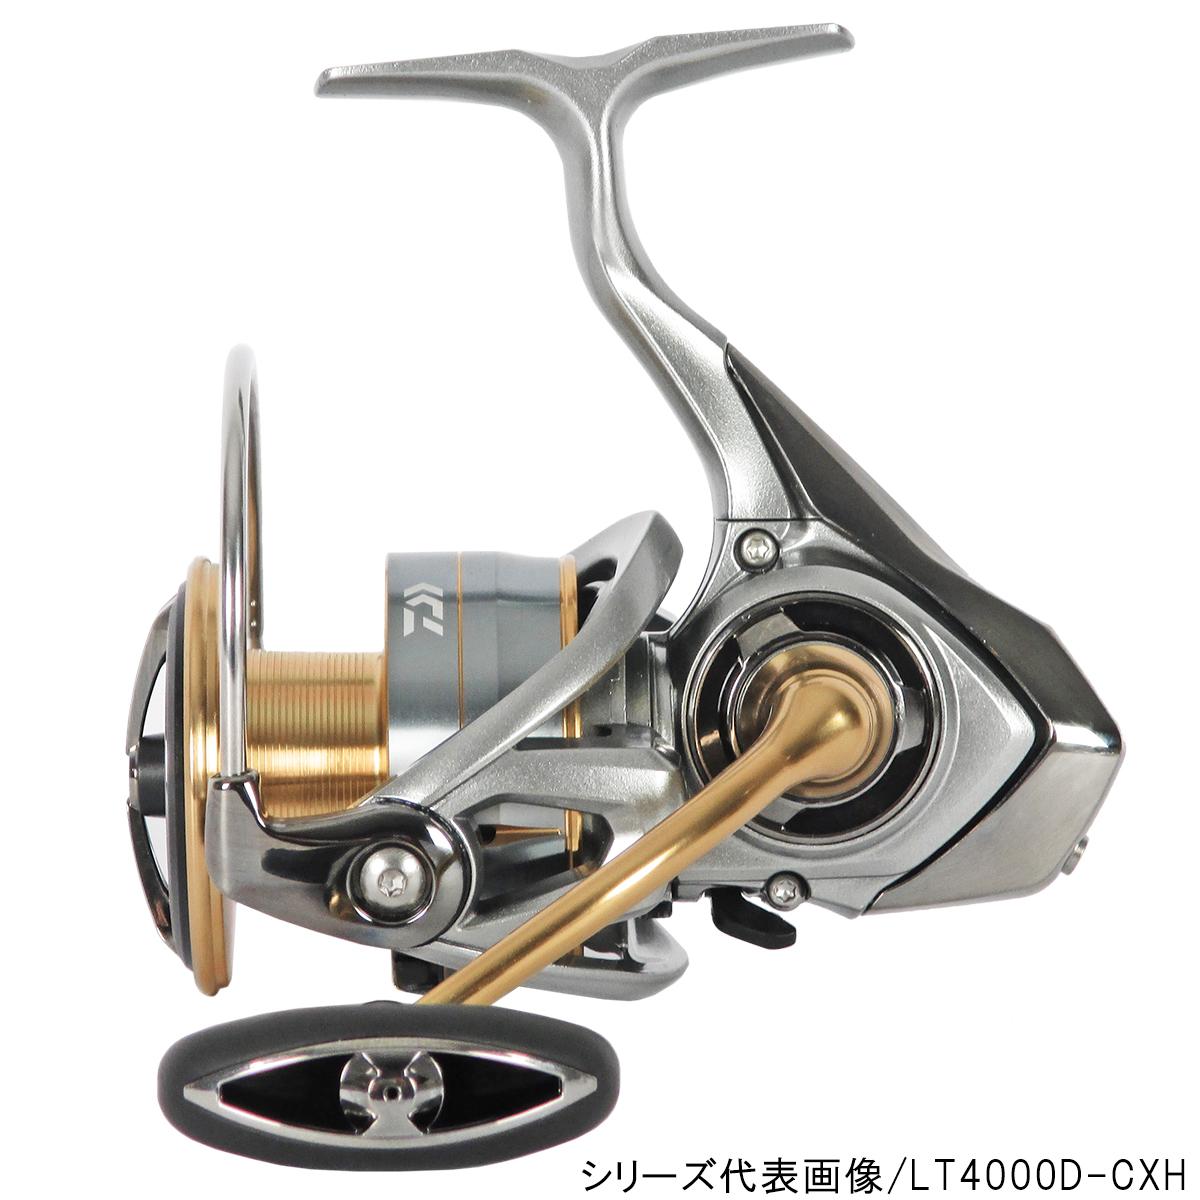 ダイワ フリームス LT5000D-CXH